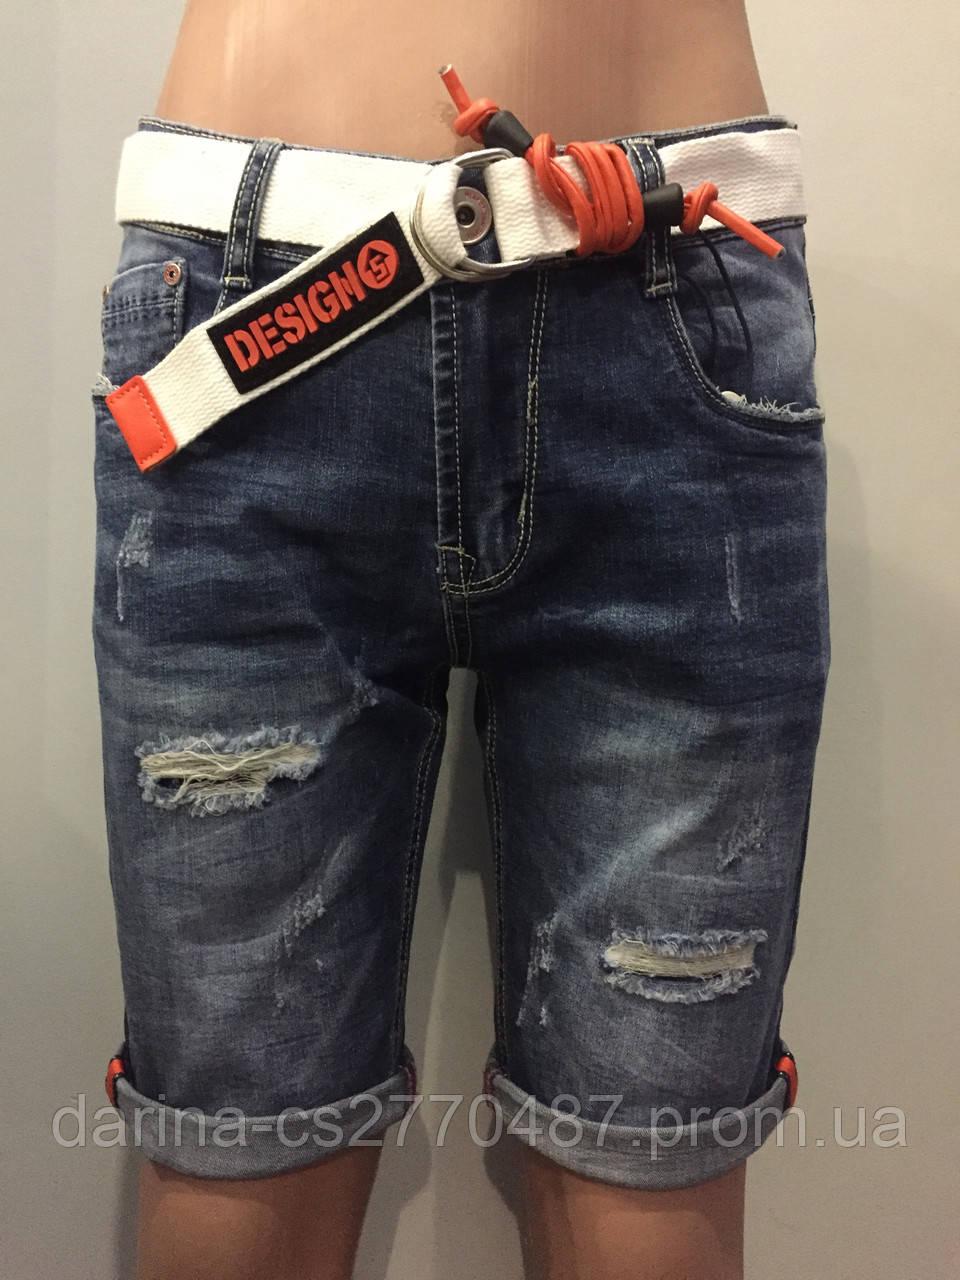 Джинсовые шорты для мальчика 14(158) модные